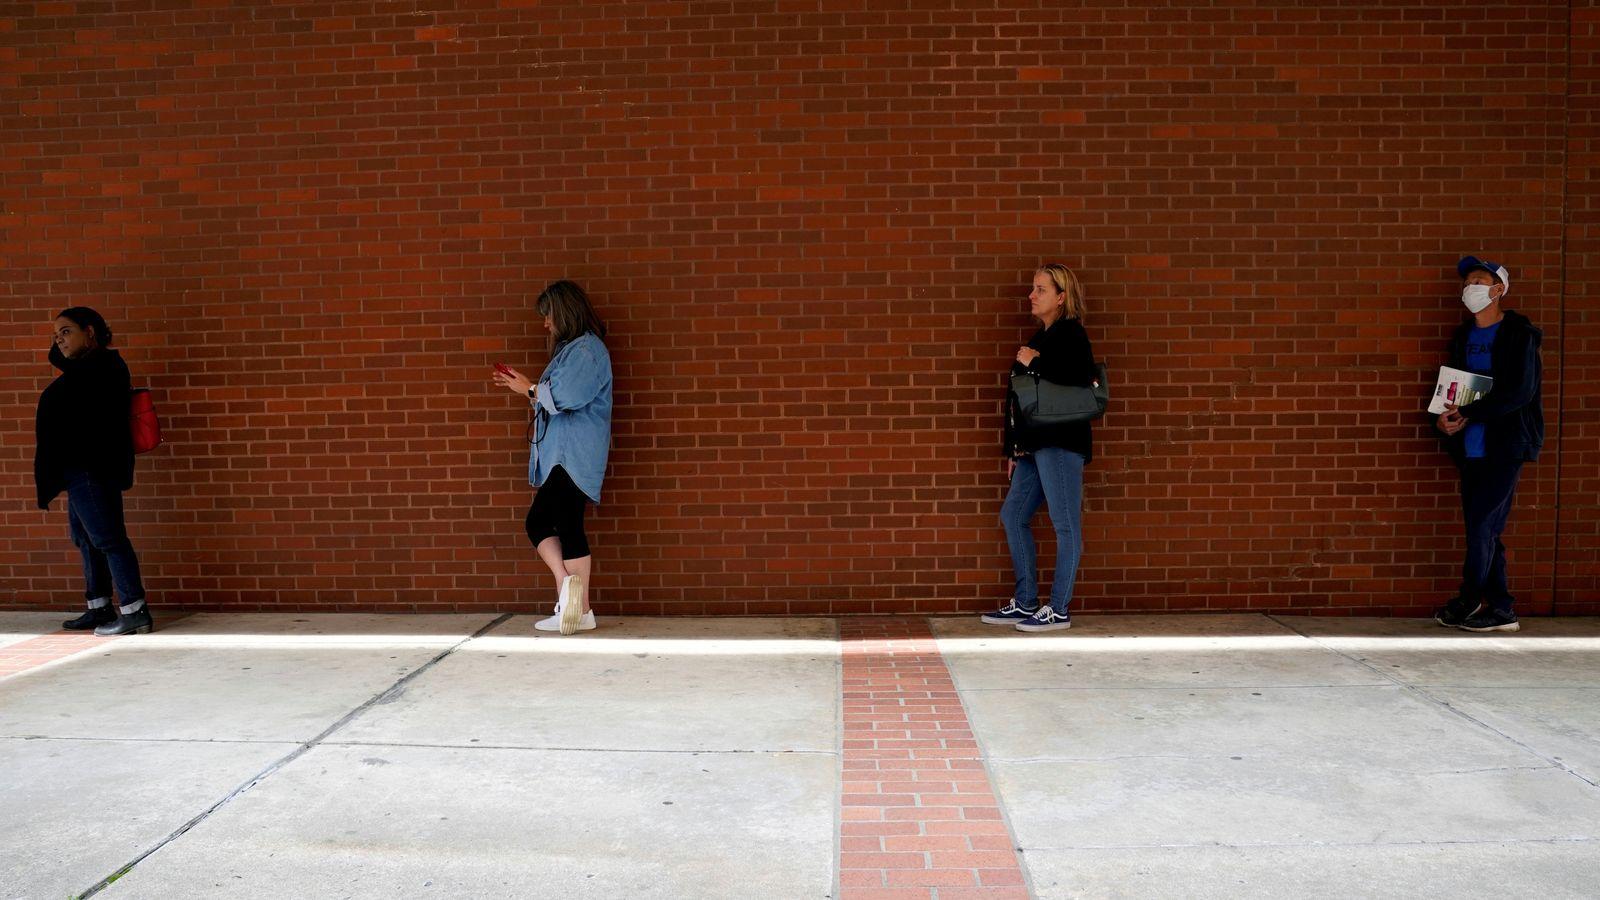 One in ten US workers lose jobs in last three weeks